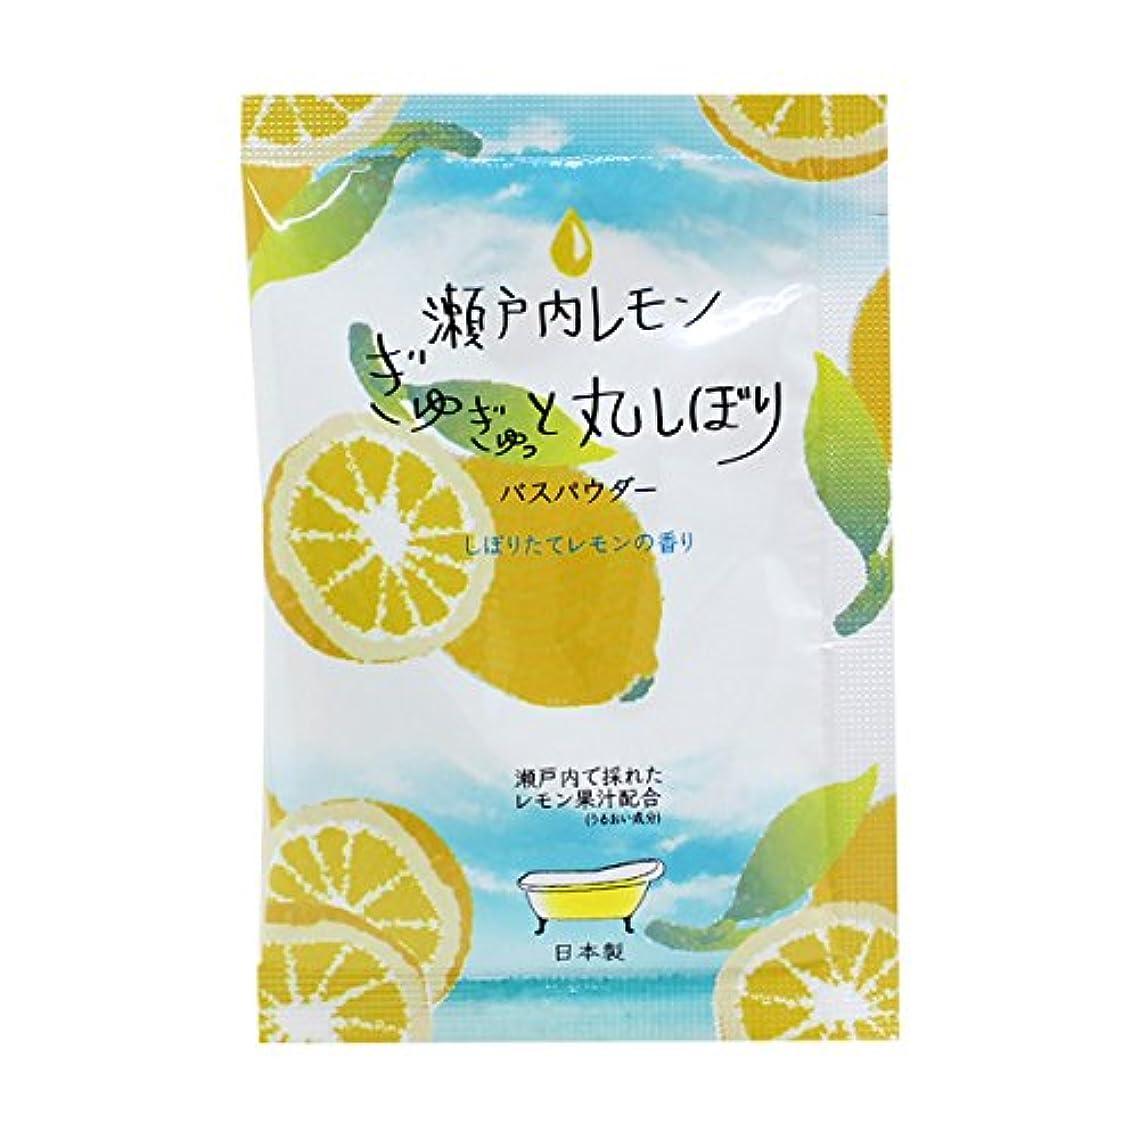 バランスのとれたランダムブラウズハーバルエクストラ リッチバスパウダー 「瀬戸内レモンの香り」30個